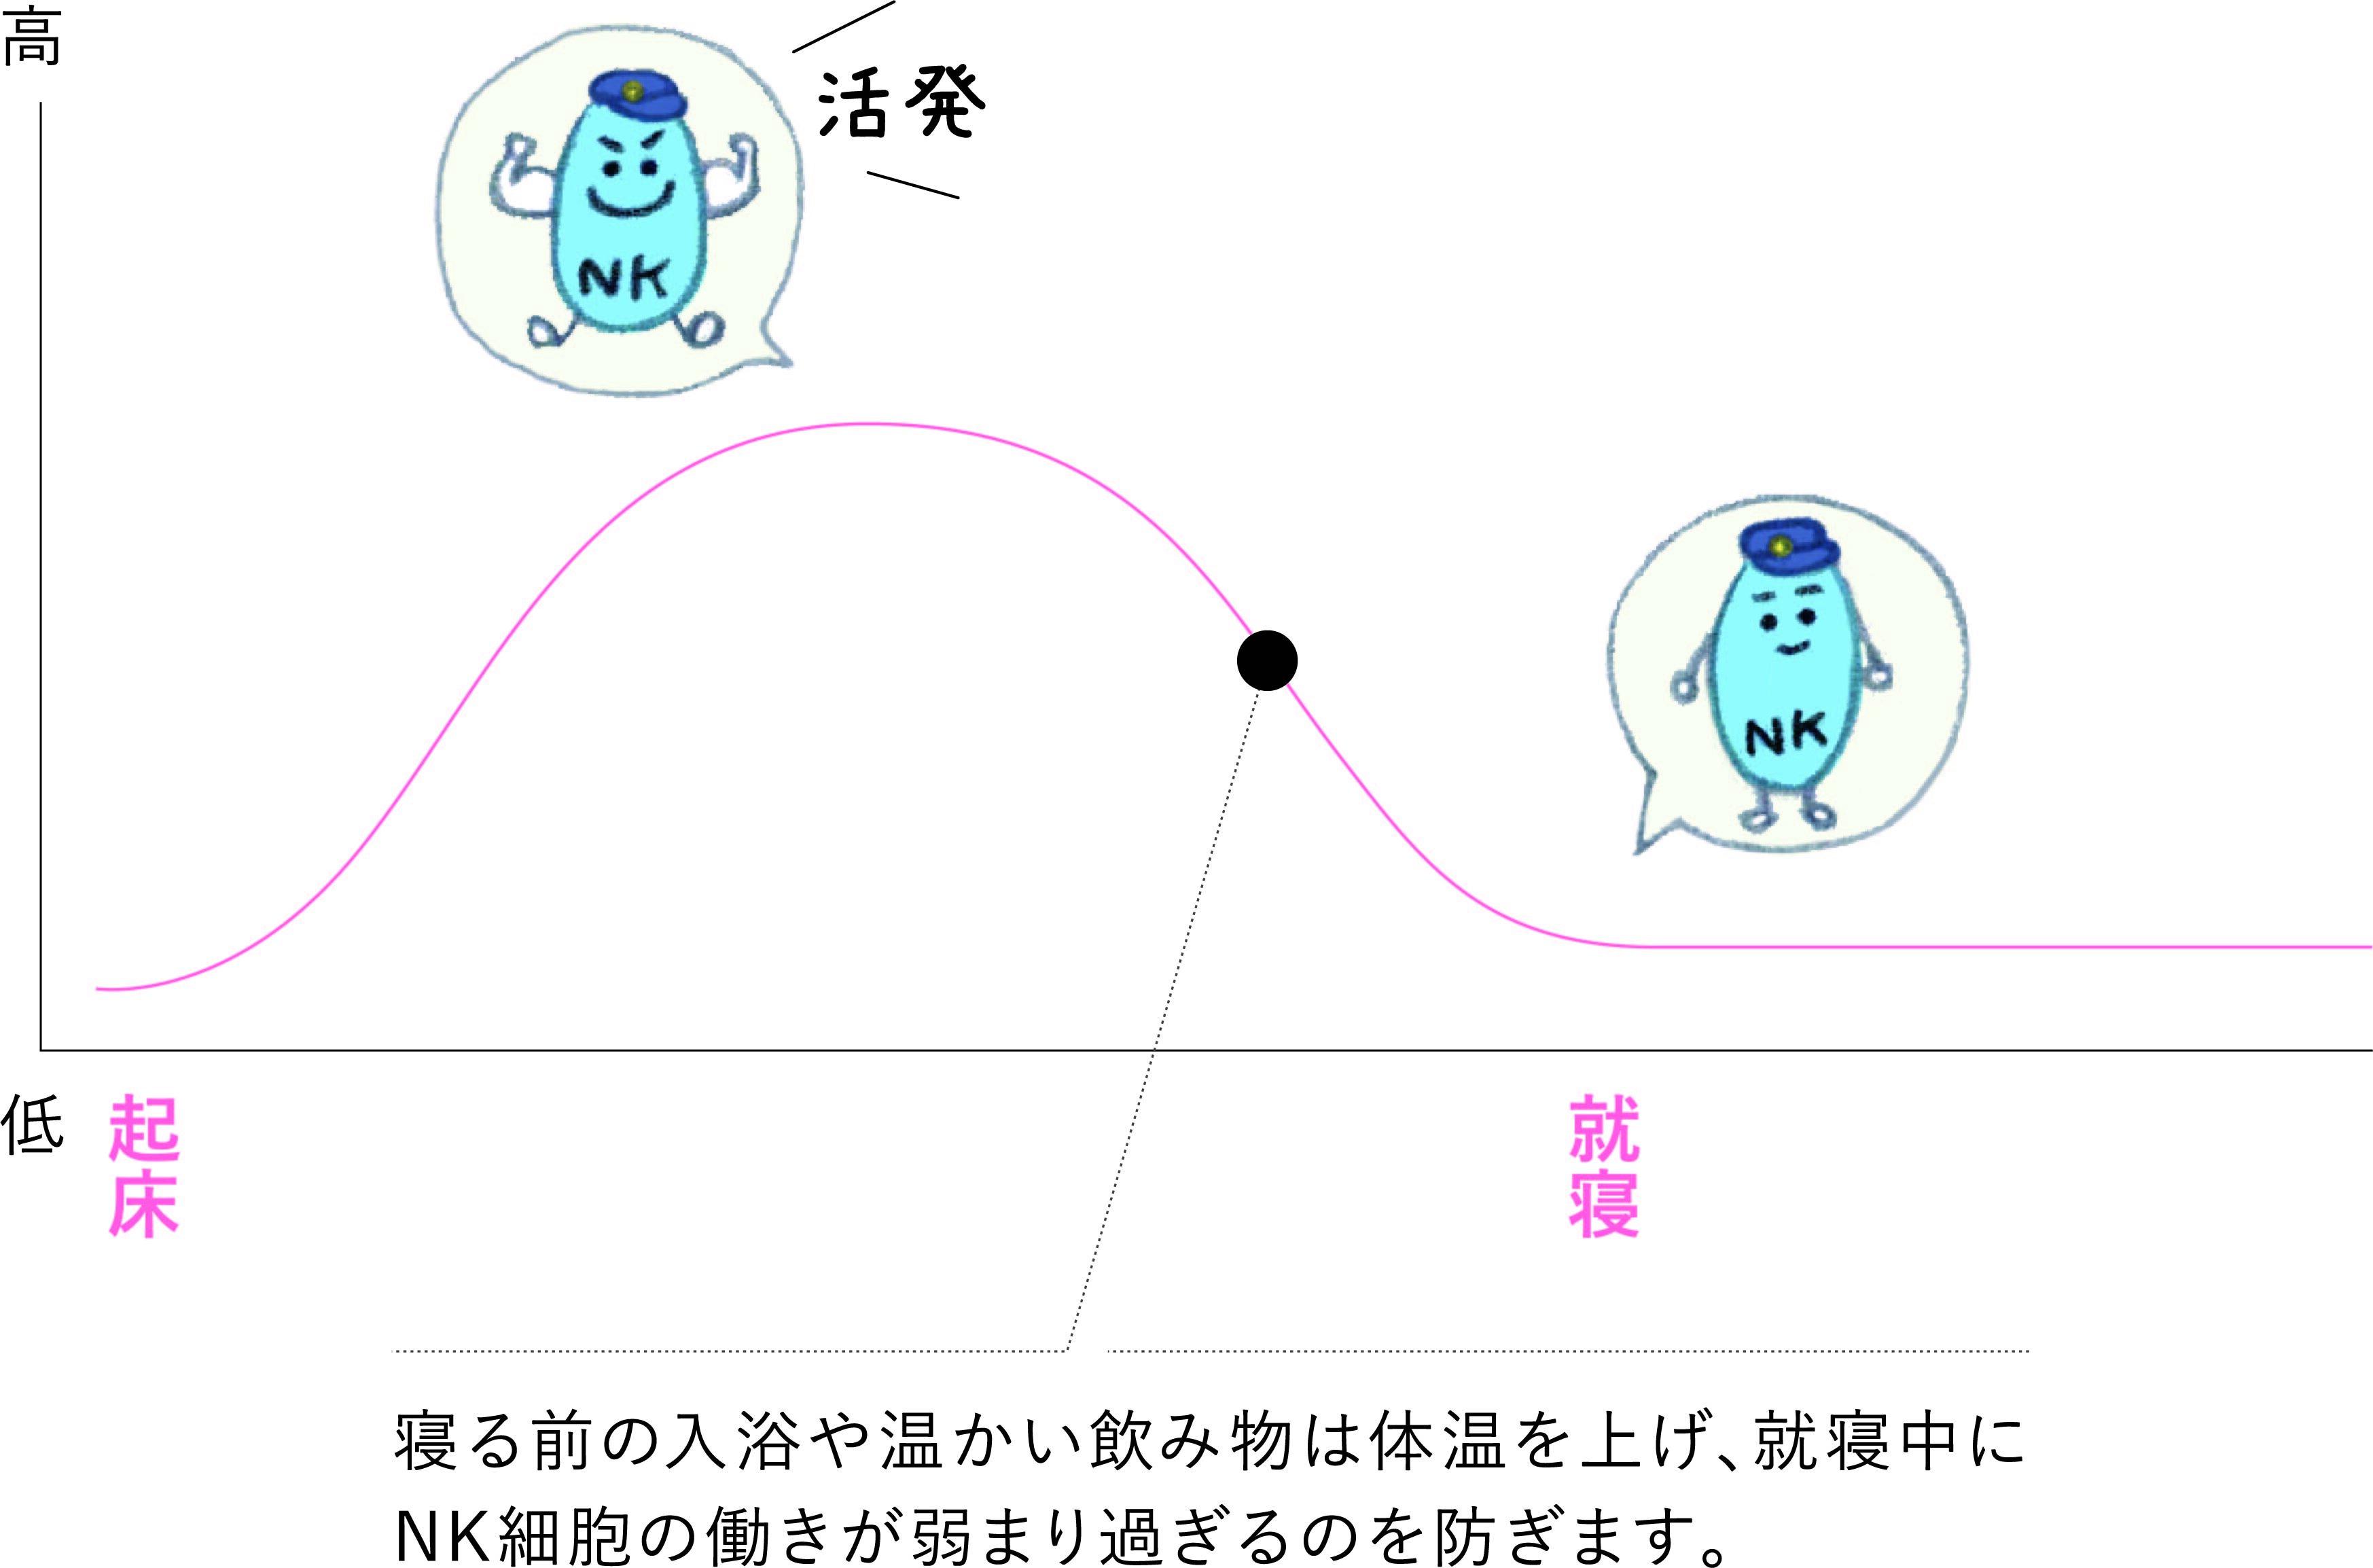 NK細胞の働きを示す図